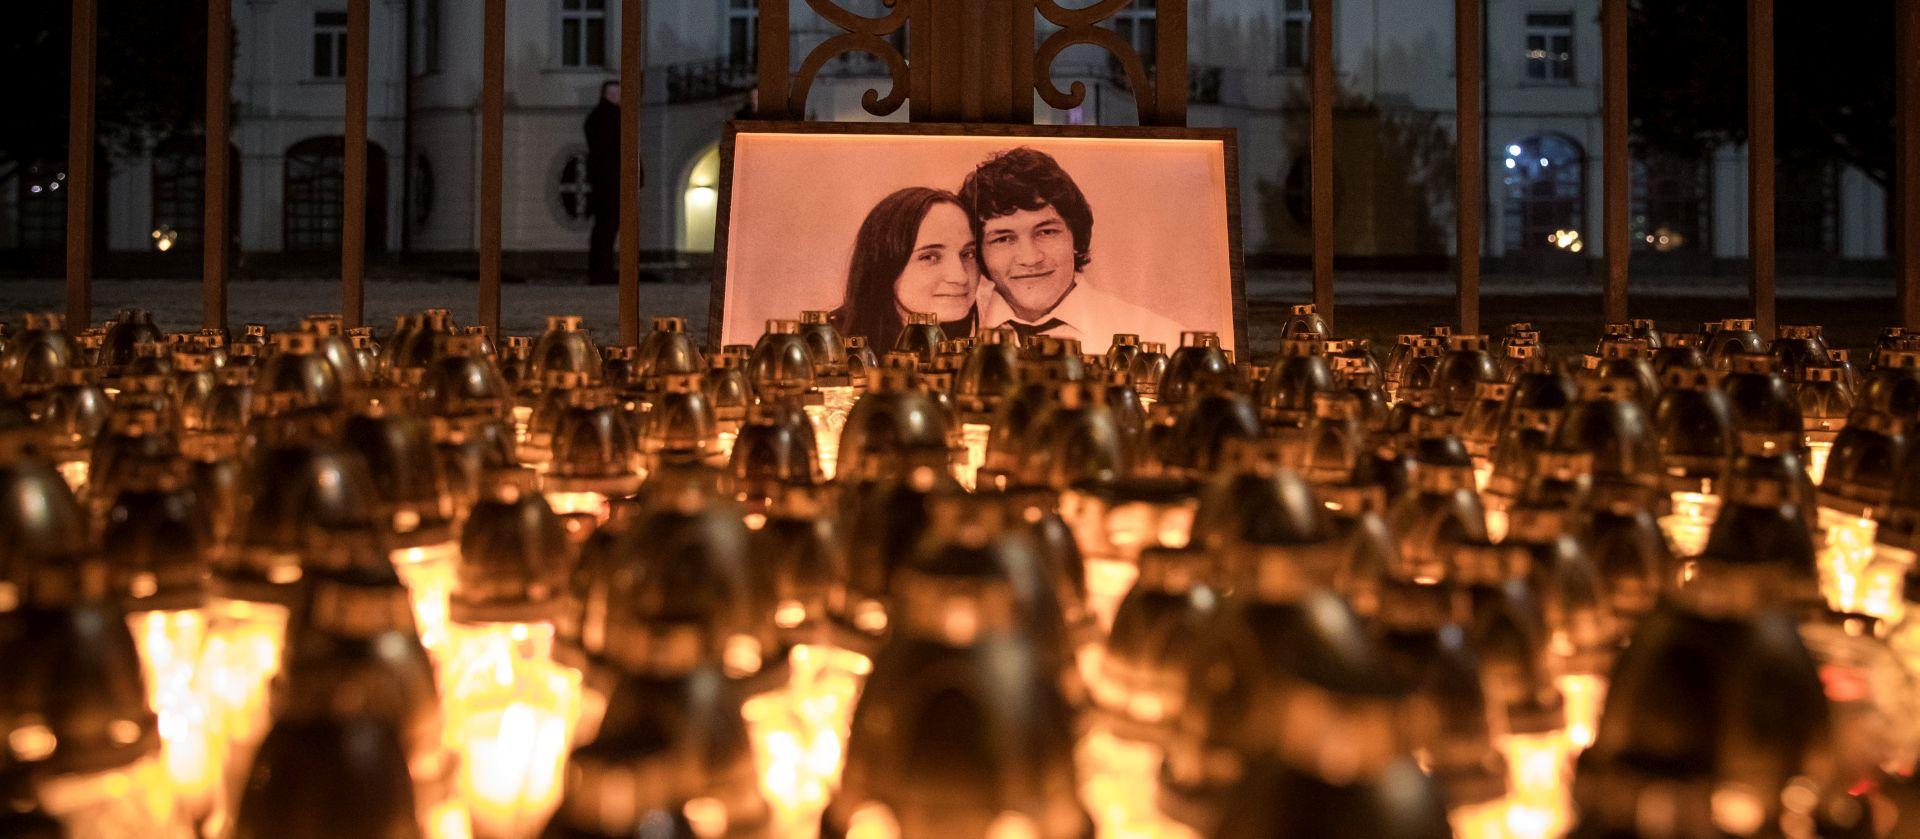 Ravnatelj slovačke policije odlazi zbog ubojstva novinara